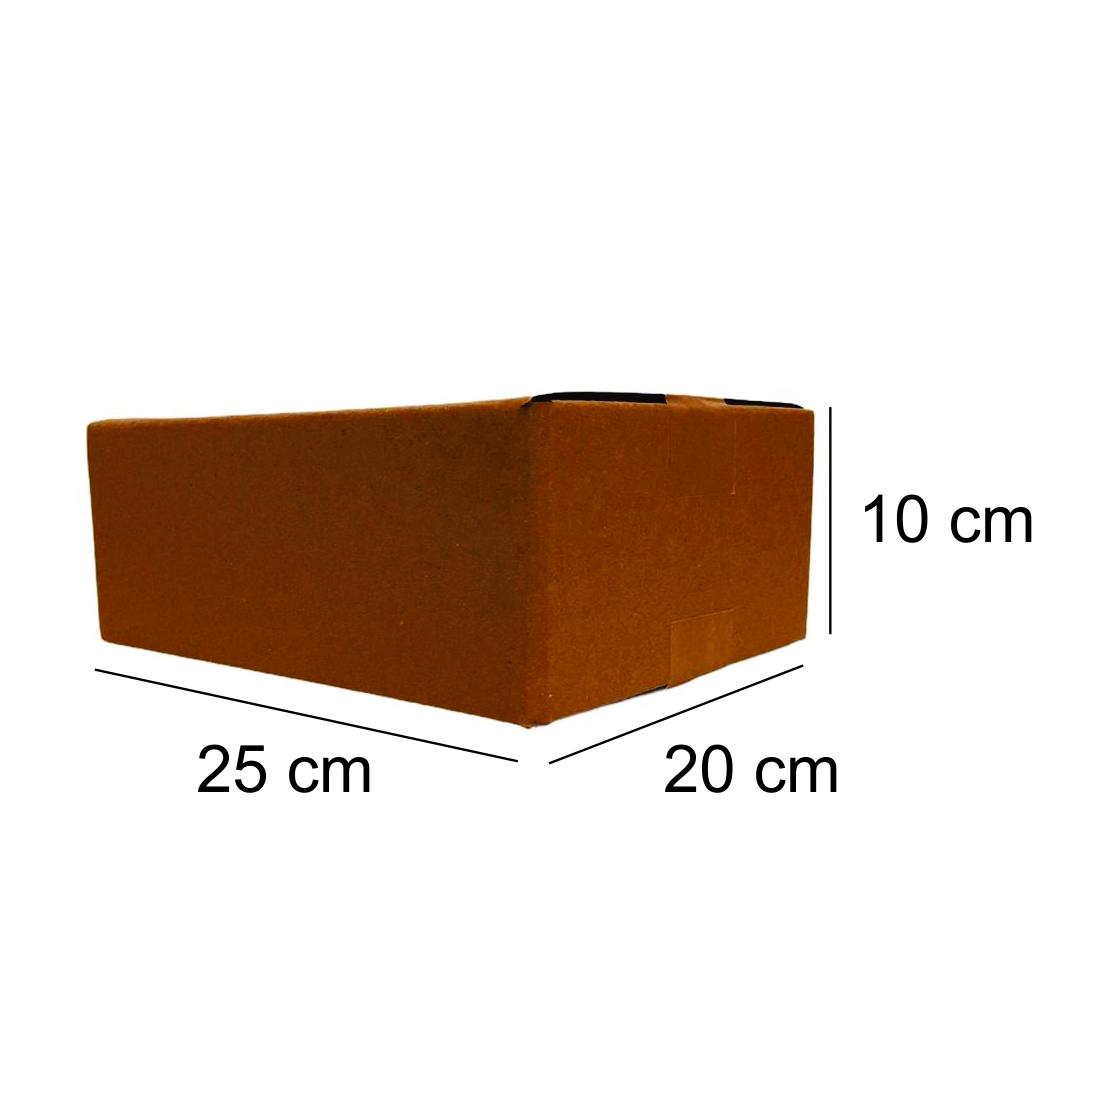 10 Caixas de Papelao (25X20X10)cm - Sedex / Pac / Correios